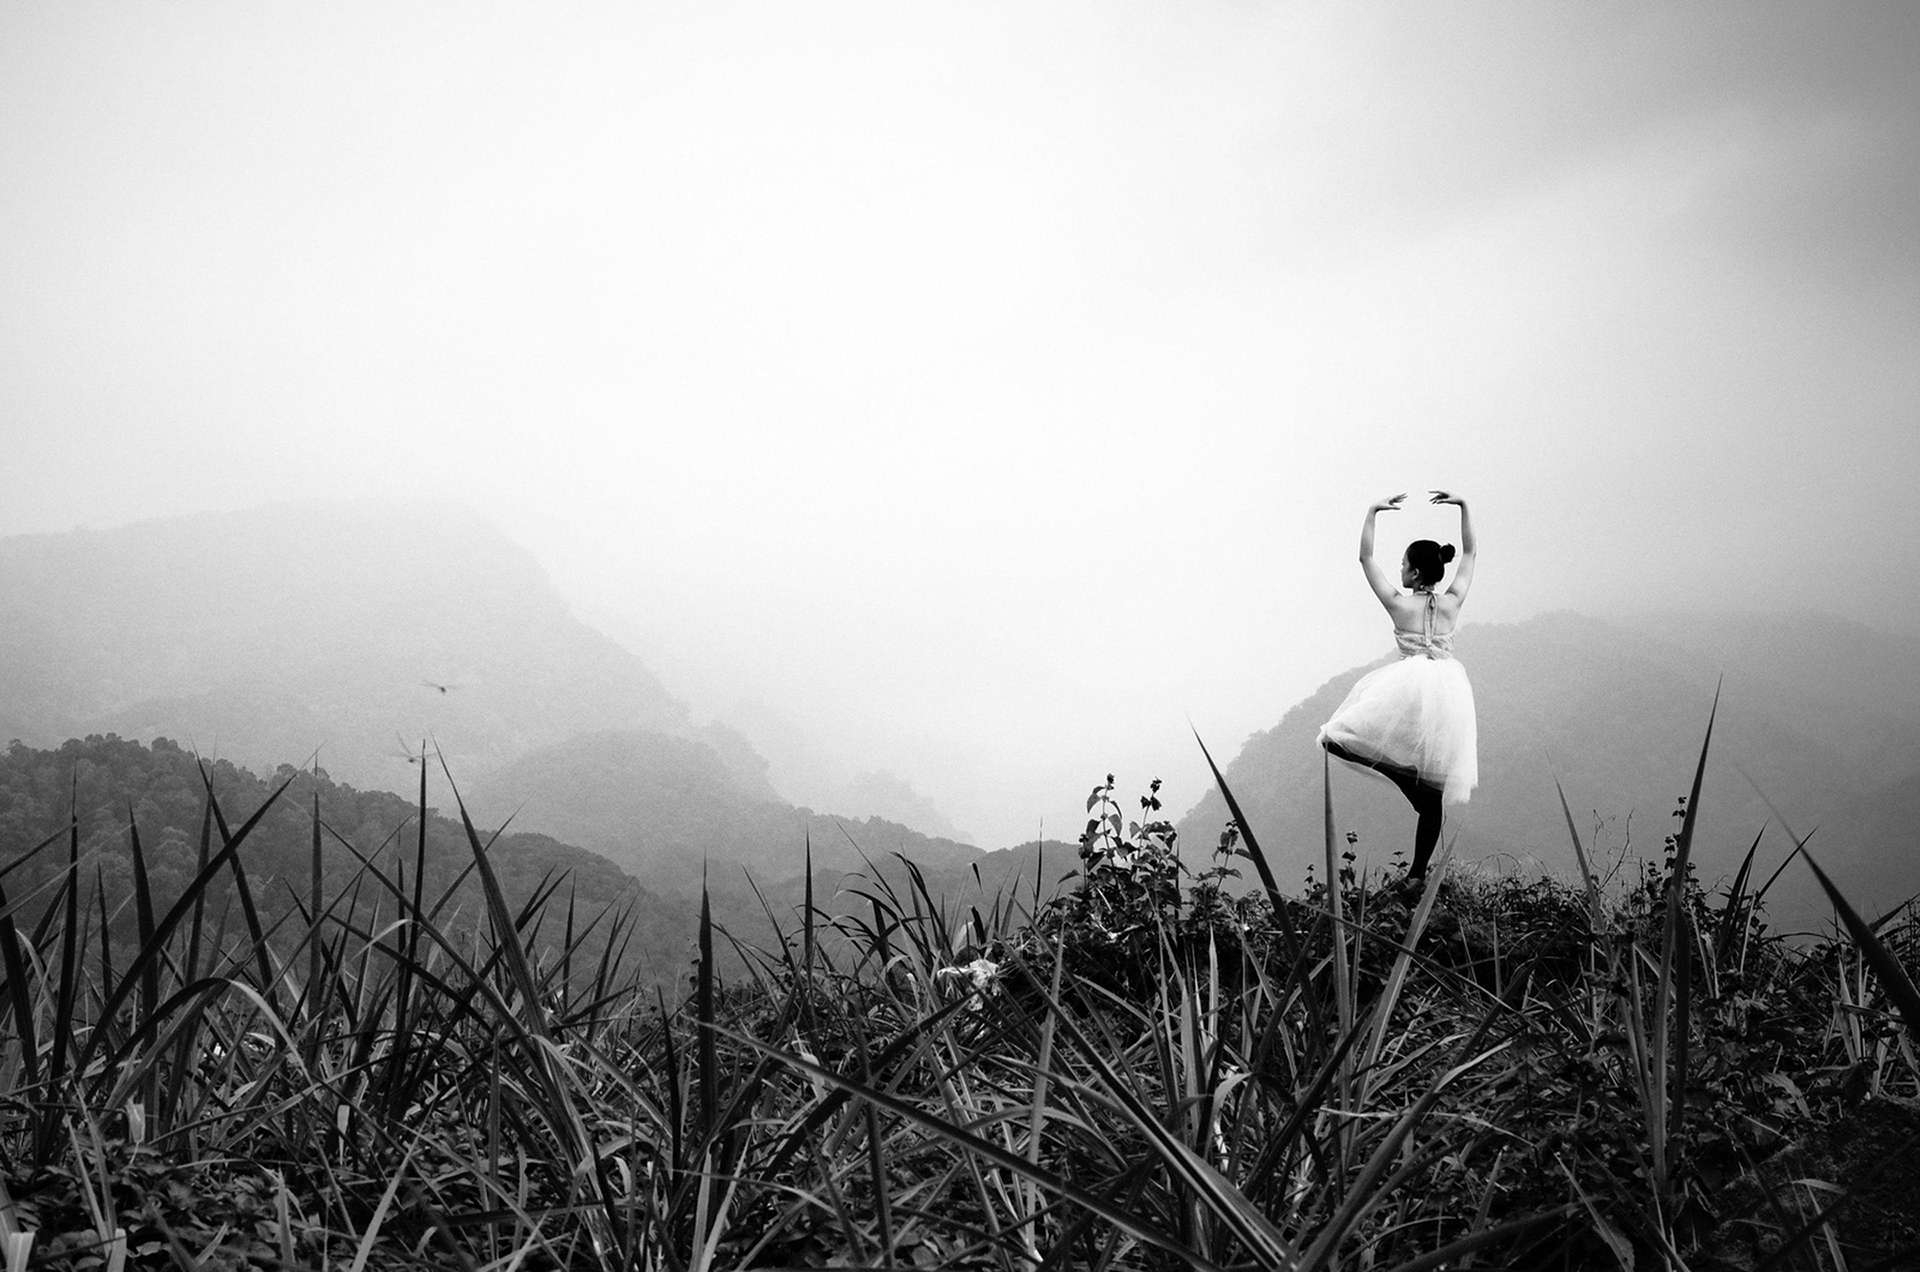 Photograph by Denny Ch Pratama